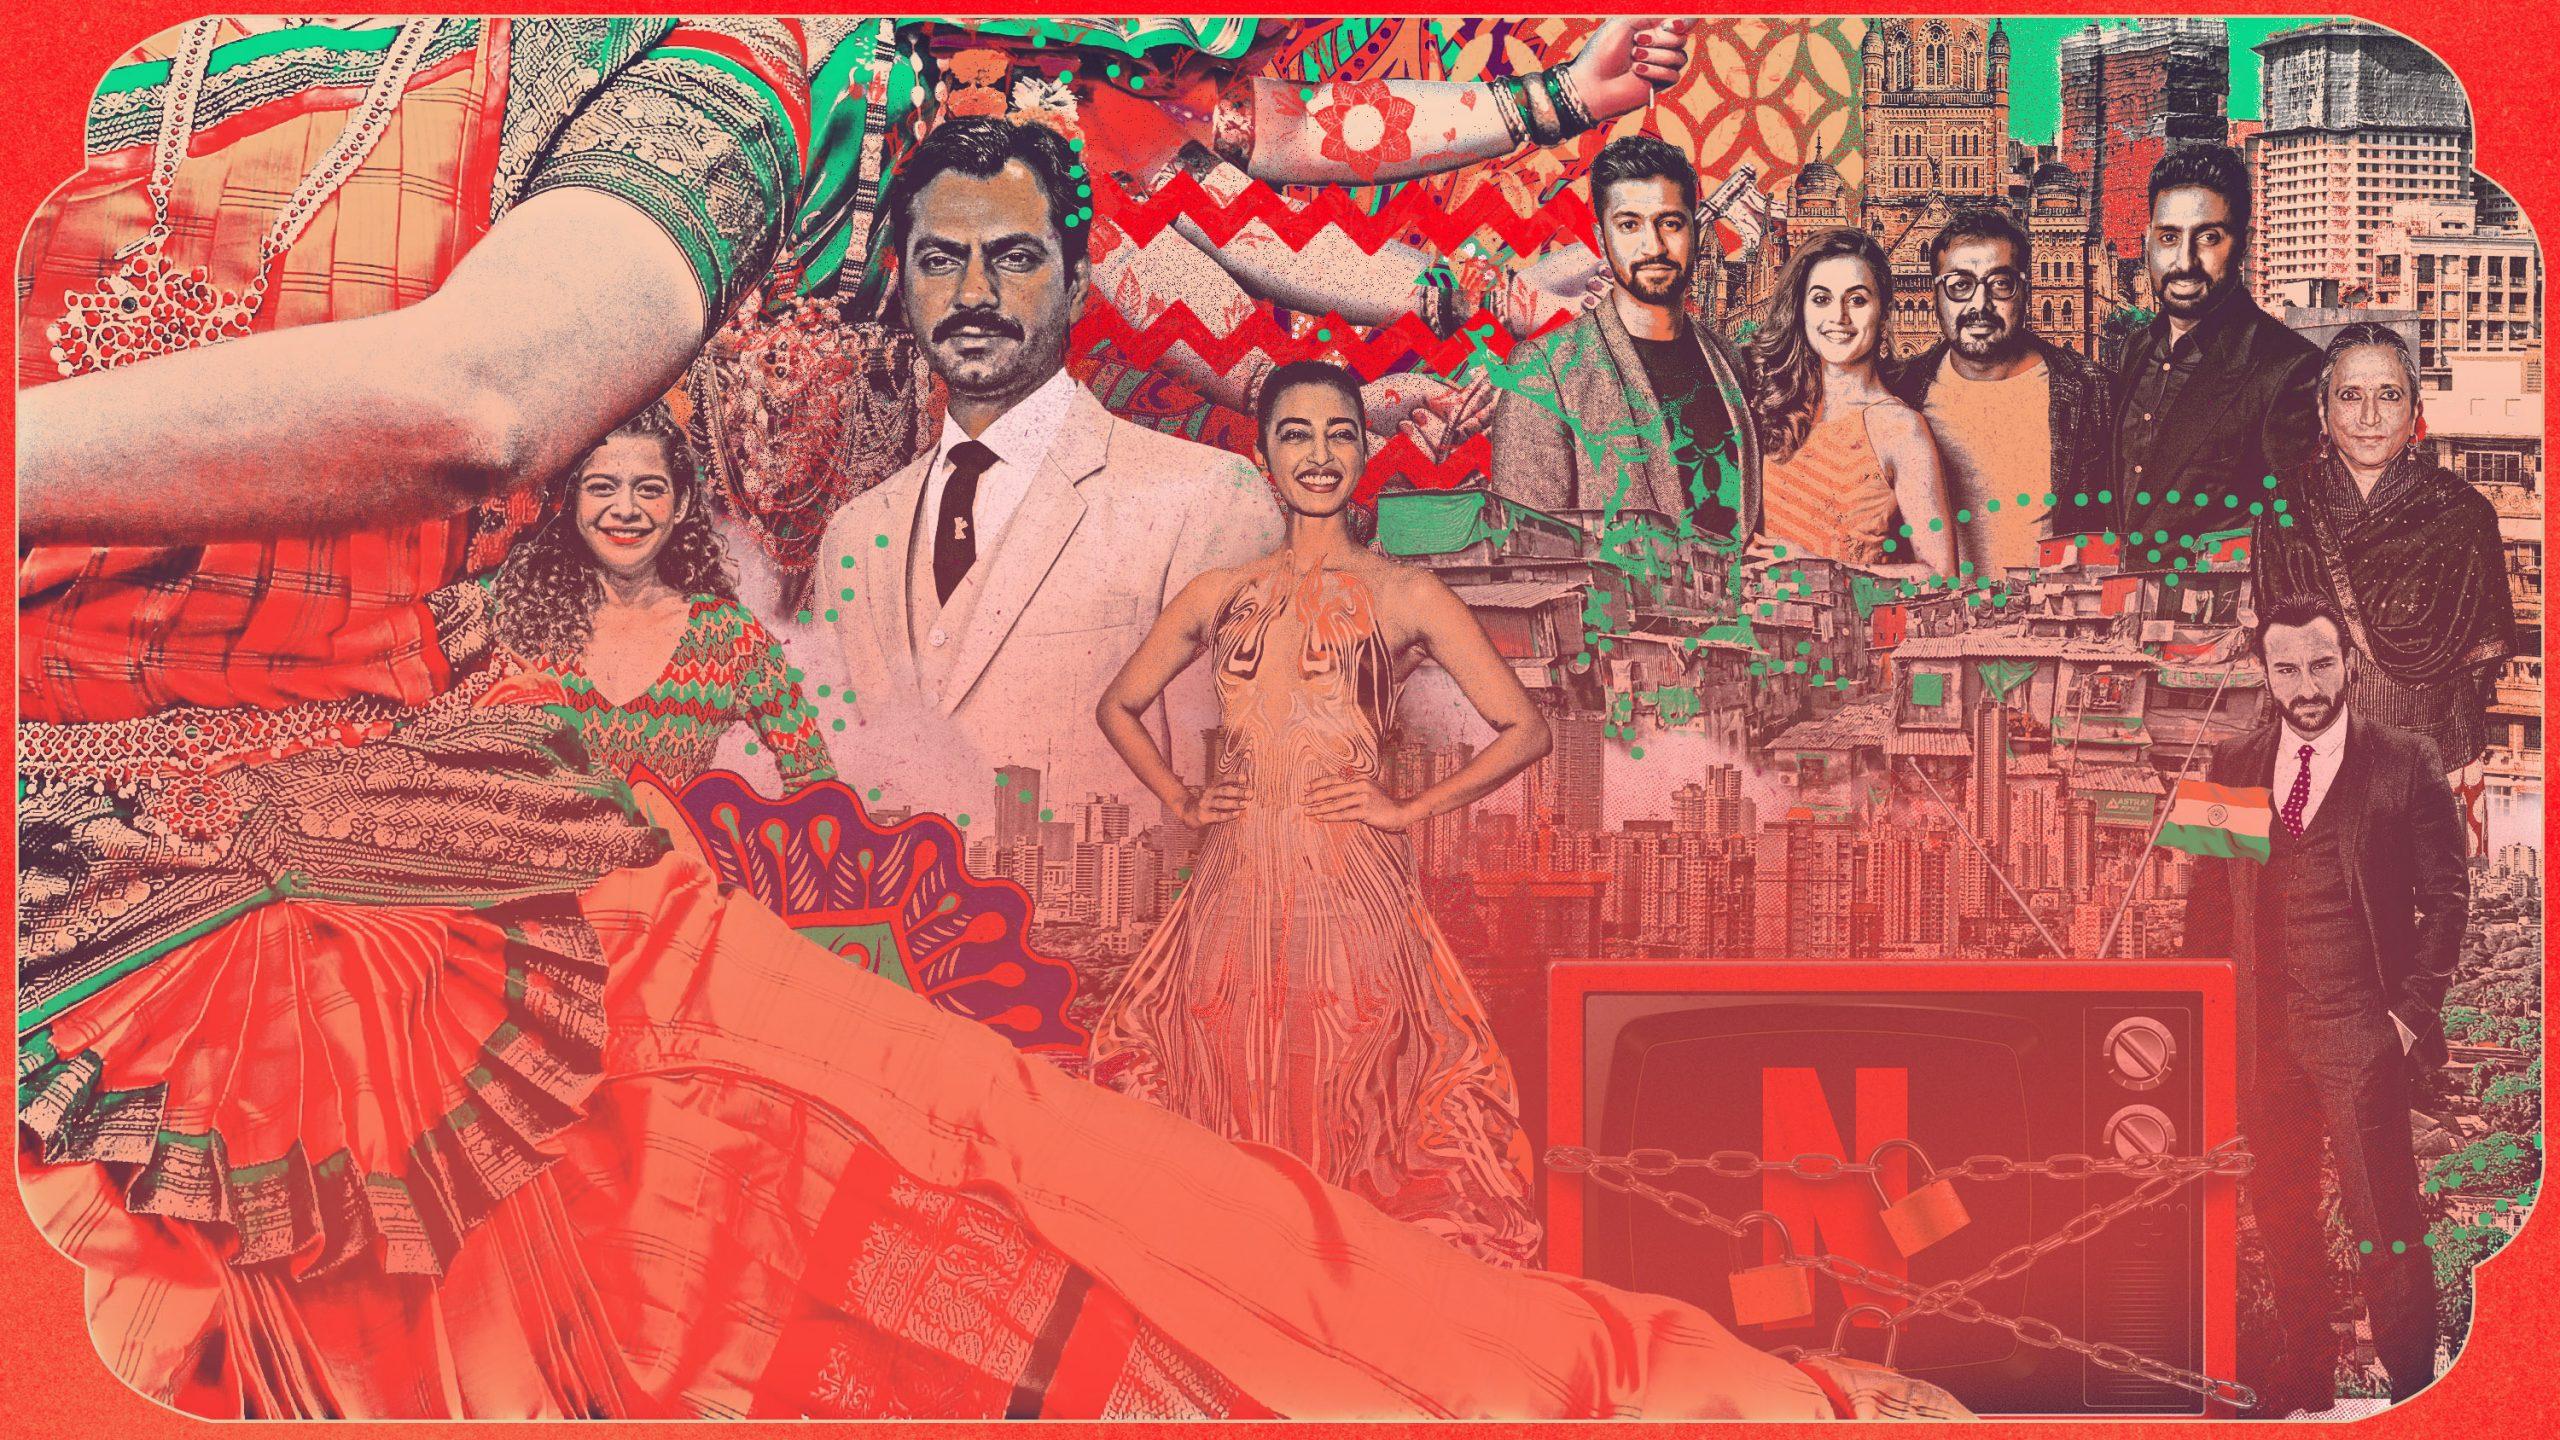 「ネトフリ」対モディ政権、 インド映画の魂めぐる闘い